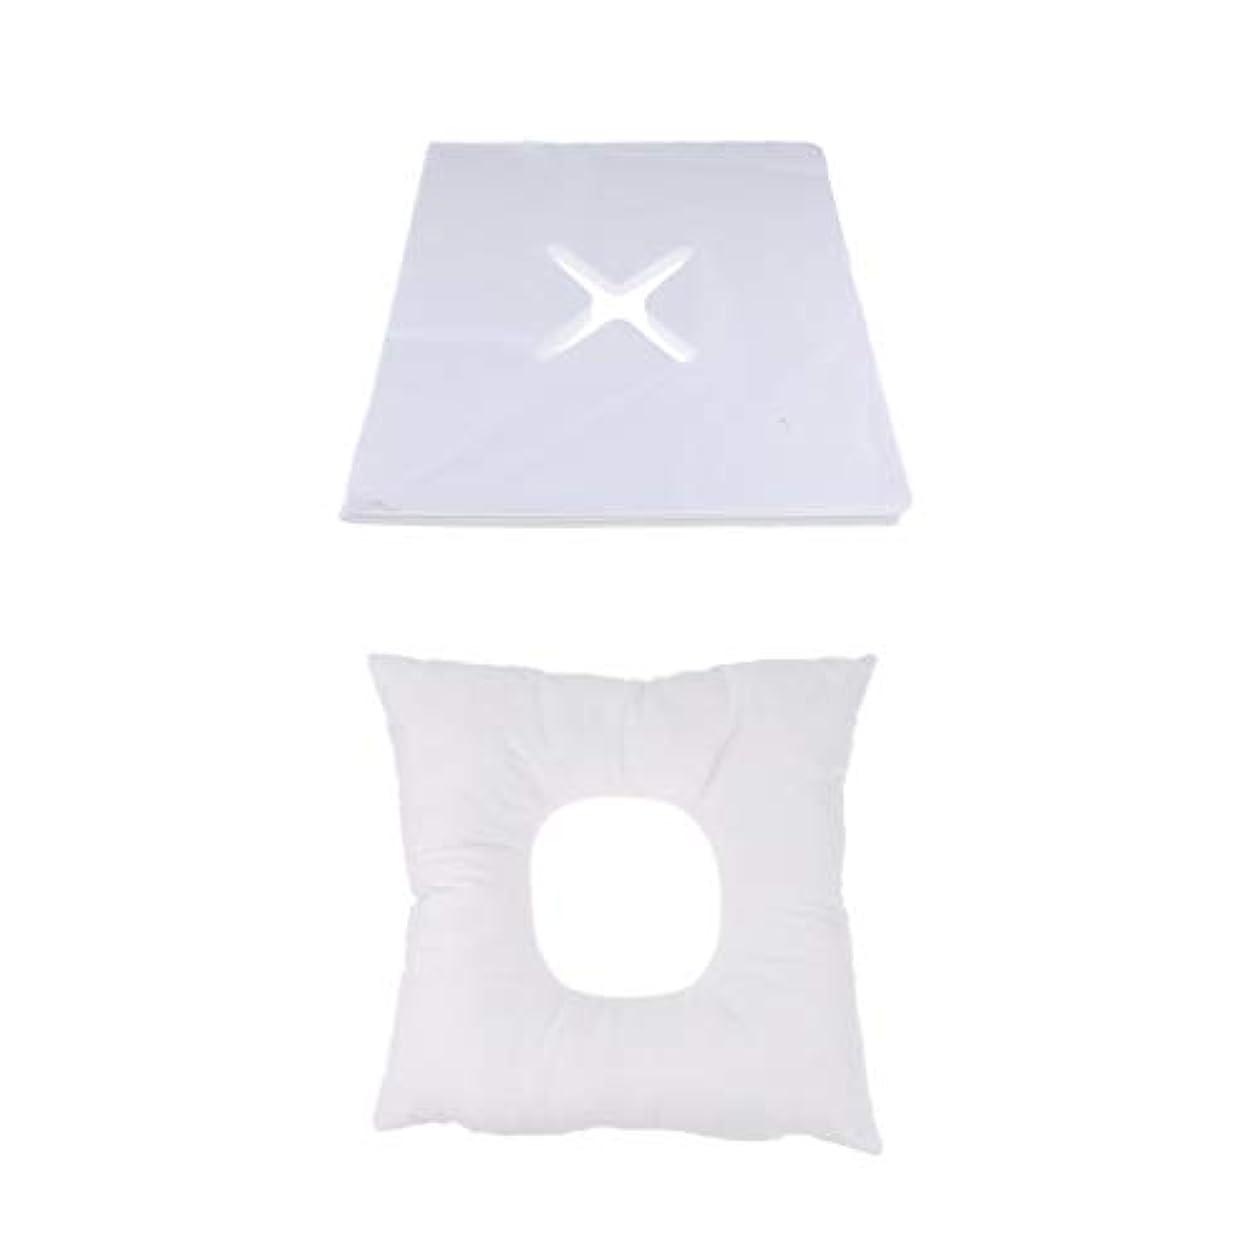 低い燃やす個性D DOLITY マッサージ枕 顔枕 フェイスマット 200個使い捨てカバー付き 柔らかく快適